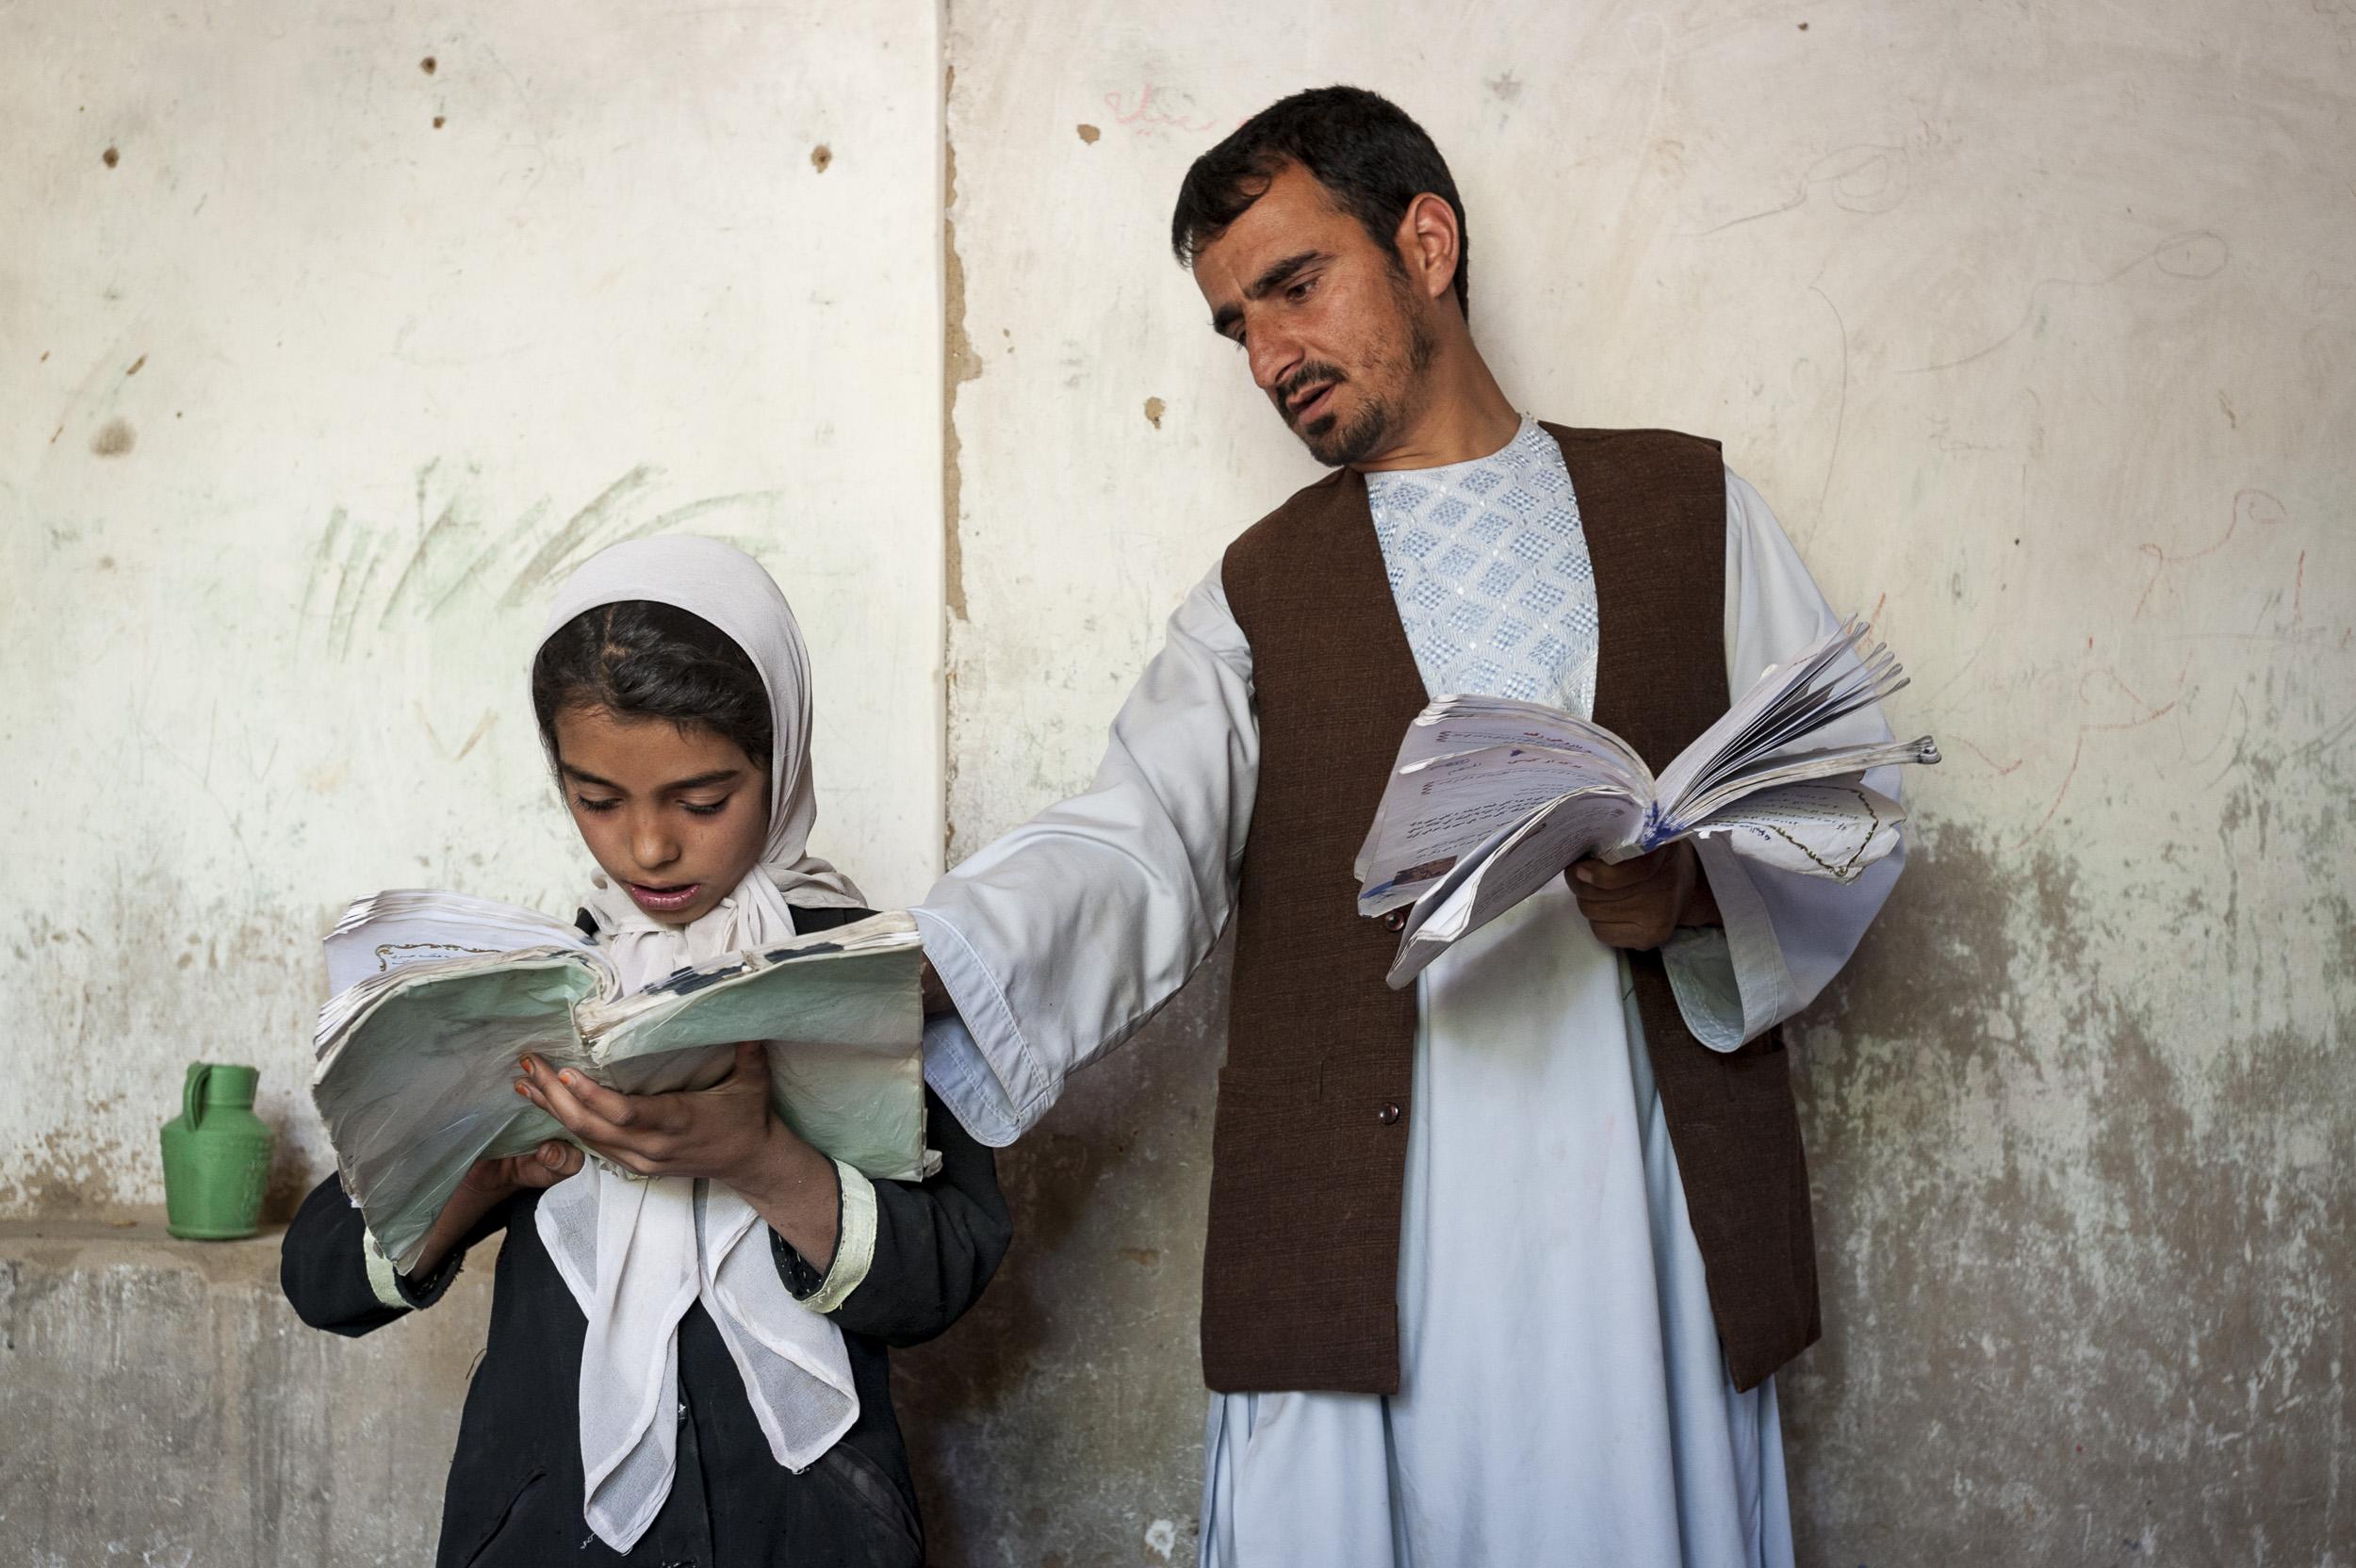 AE_Afghan11_0960.jpg